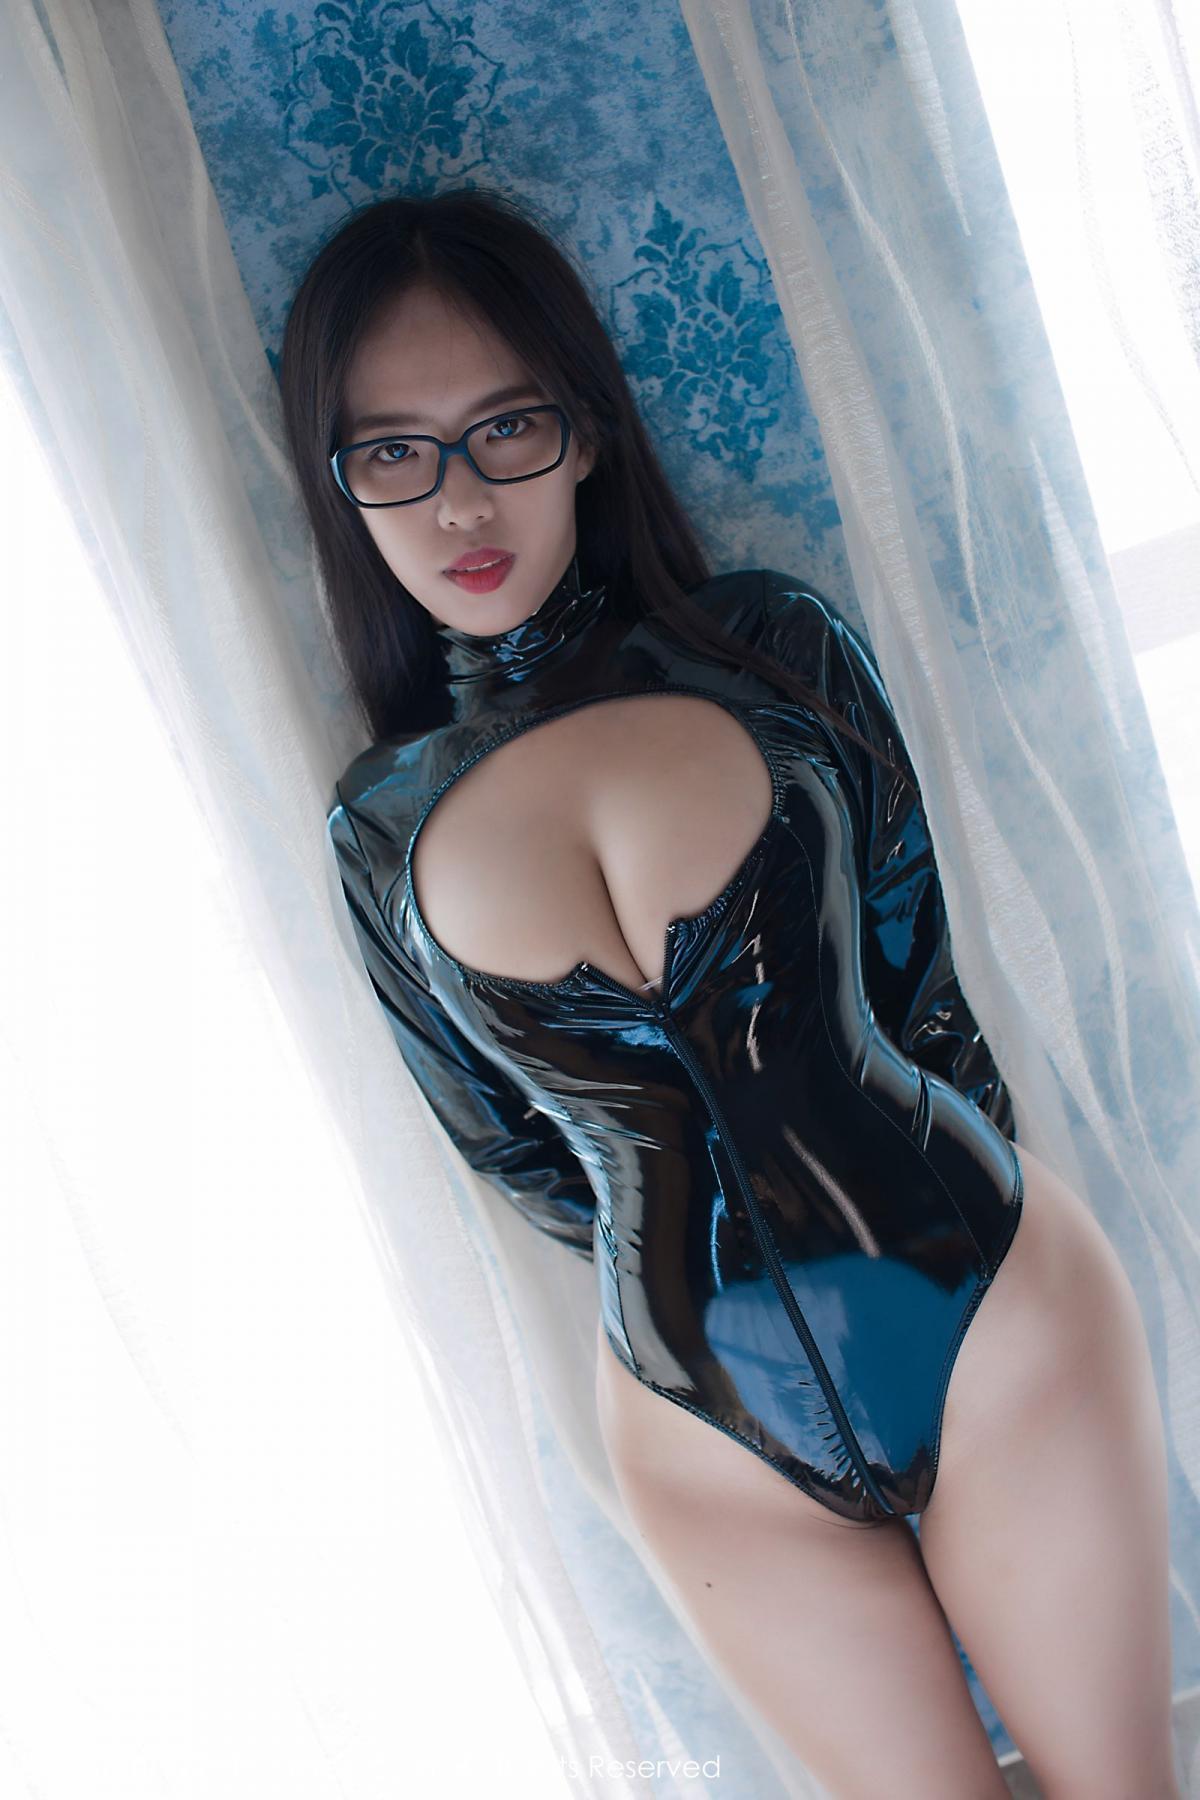 [XiuRen] Vol.1796 Xiao Xing Yun Ly 7P, Bikini, Suntan Skin, Xiao Xing Yun, Xiuren